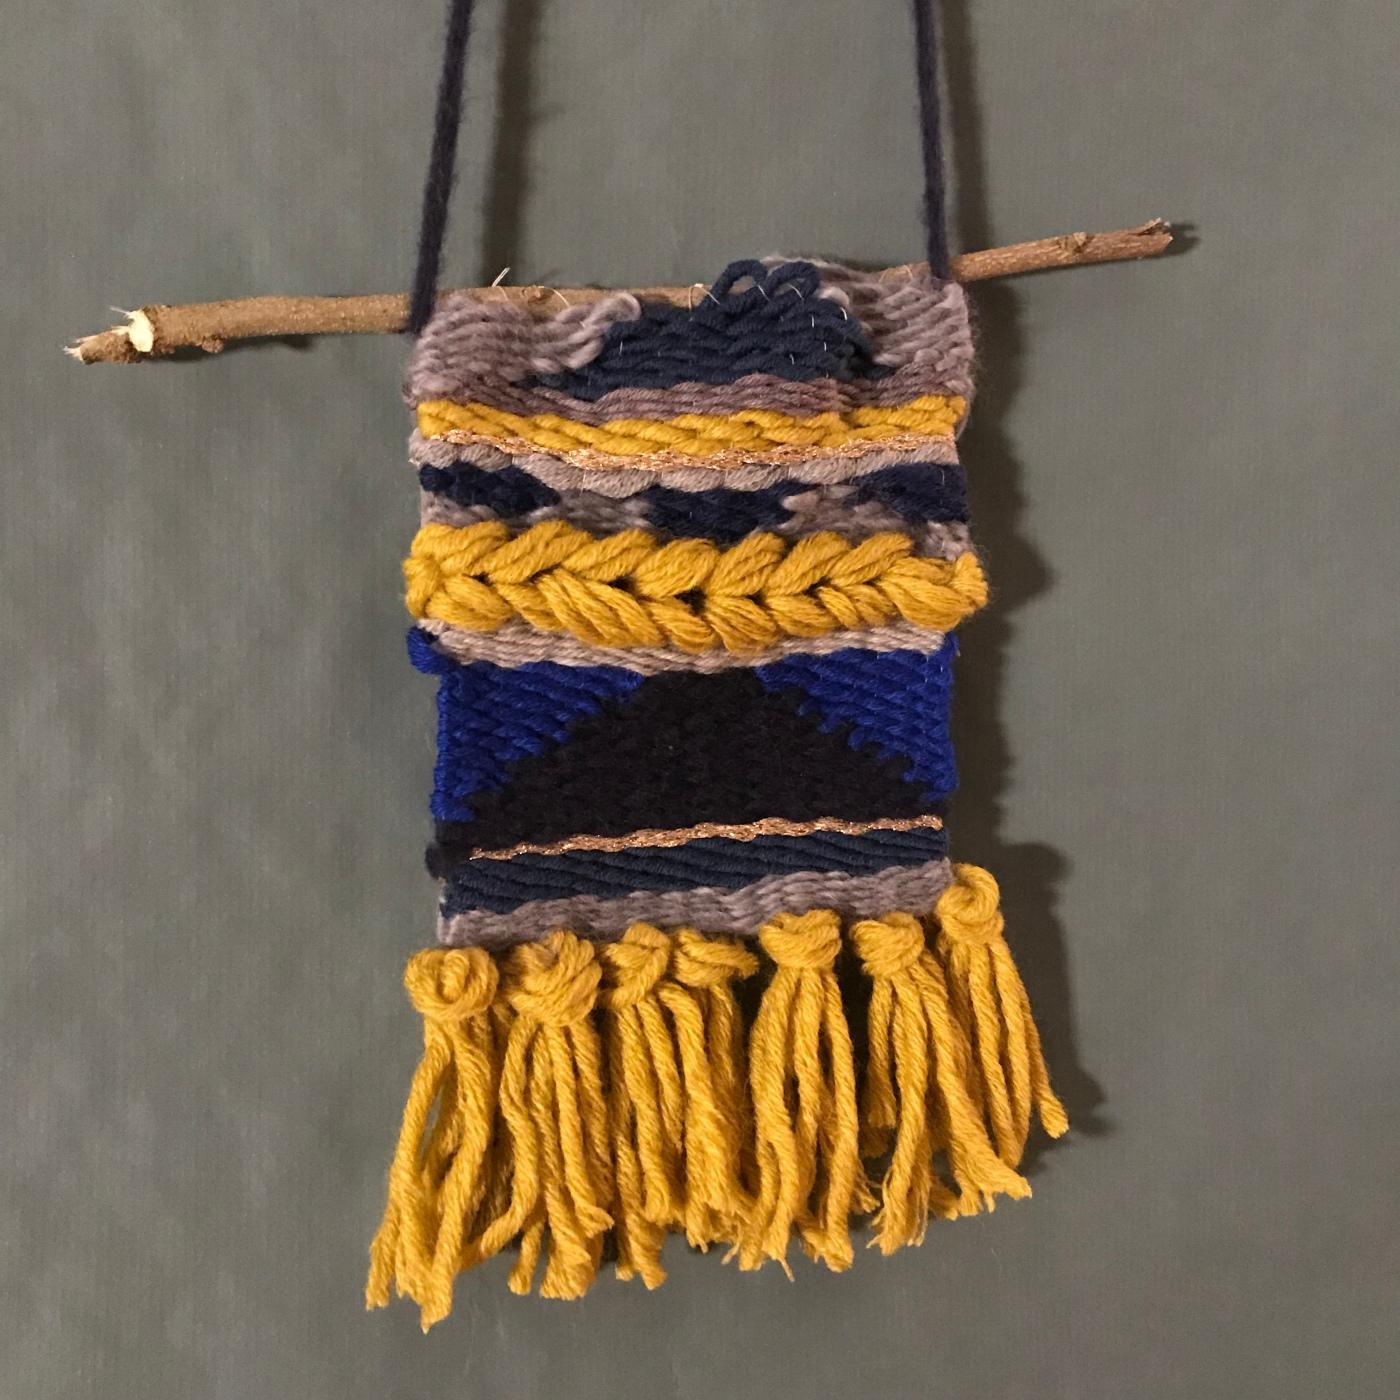 Tissage d'hiver - DIY - bricolage enfant - craft for kids - laine - métier à tisser - Image à la une